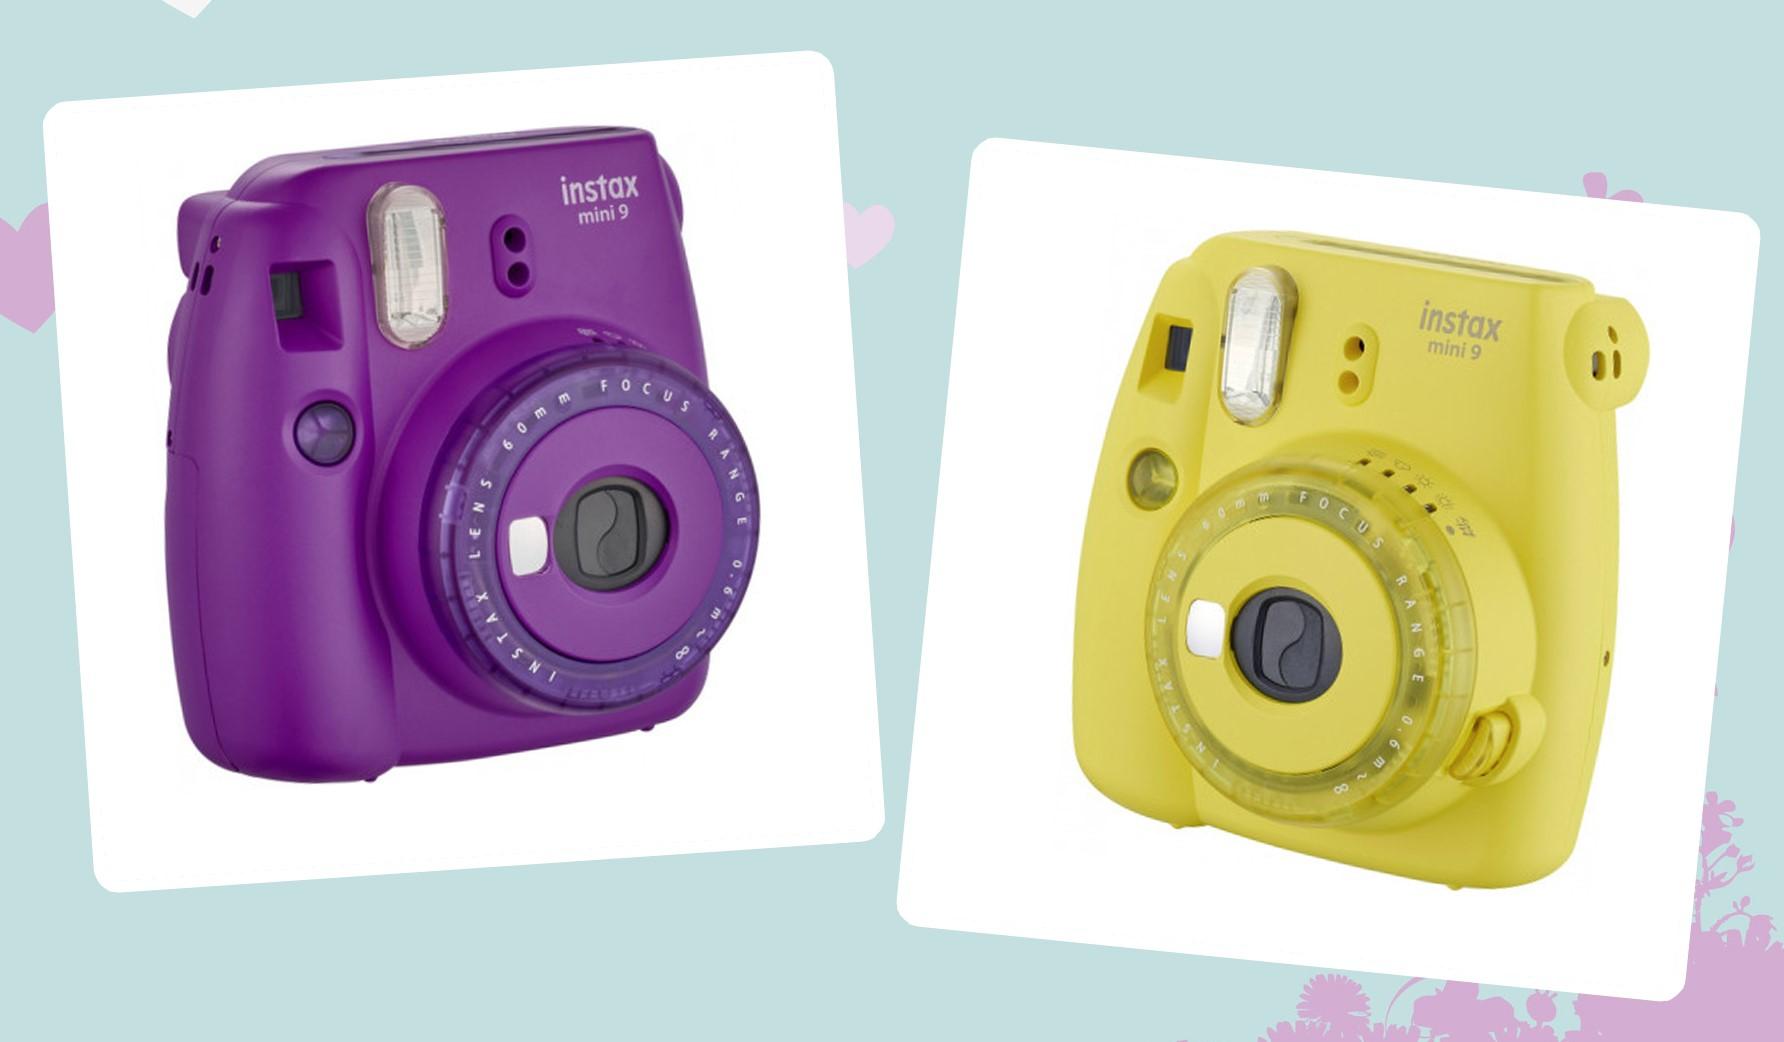 Nüüd saadaval: Fujifilm Instax Mini 9 kiirpildikaamerad lillas ja kollases korpuses